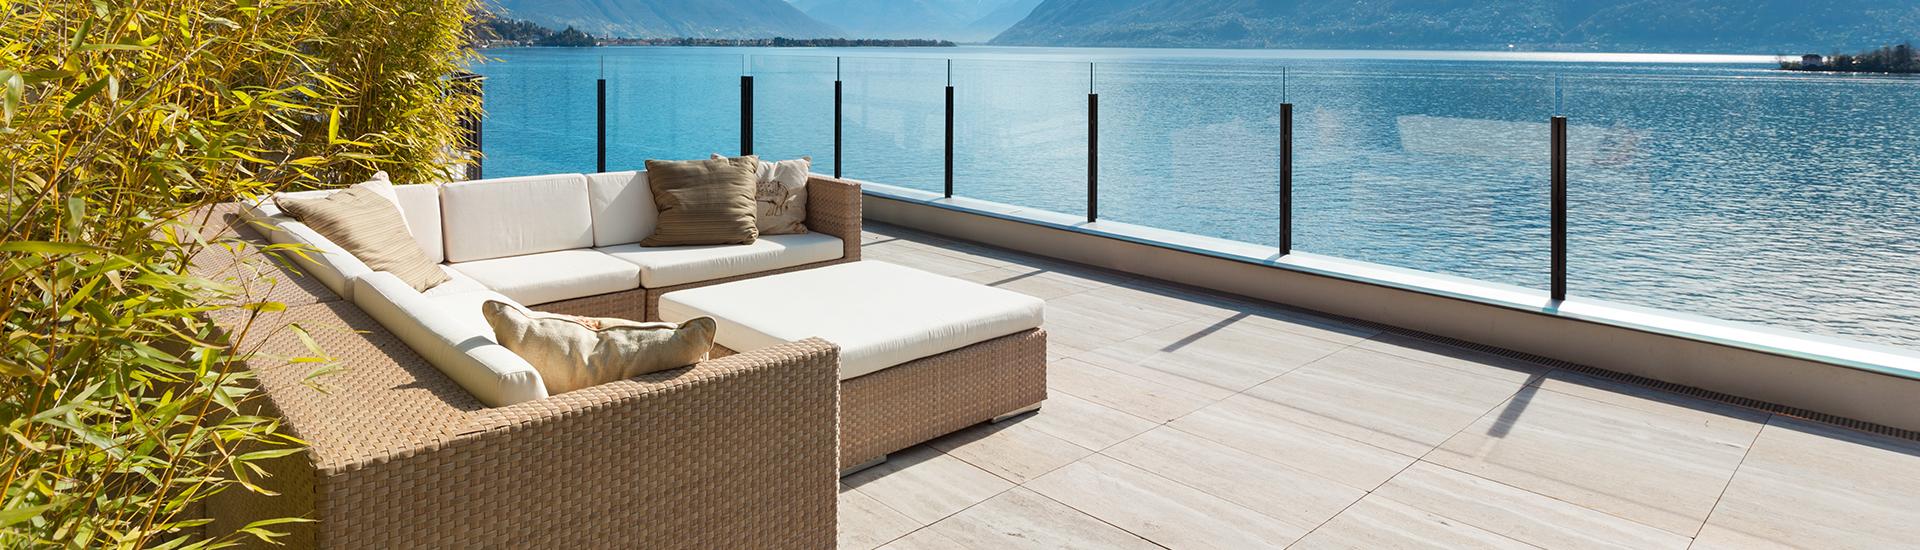 Des canapés et une petite table basse près d'une grande étendue d'eau.